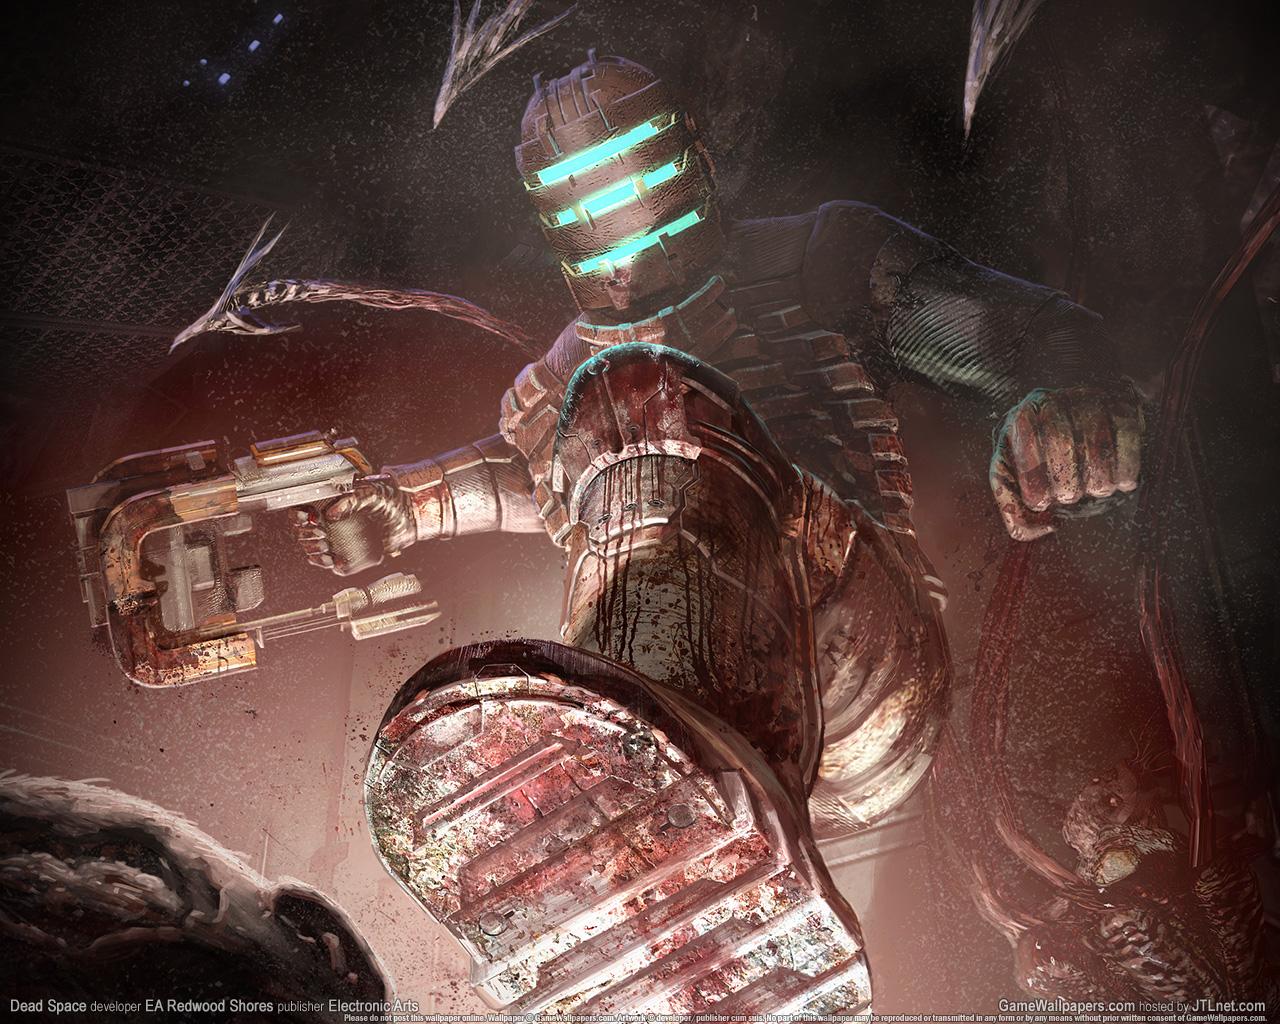 Fondos De Pantalla Dead Space Juegos Descargar Imagenes